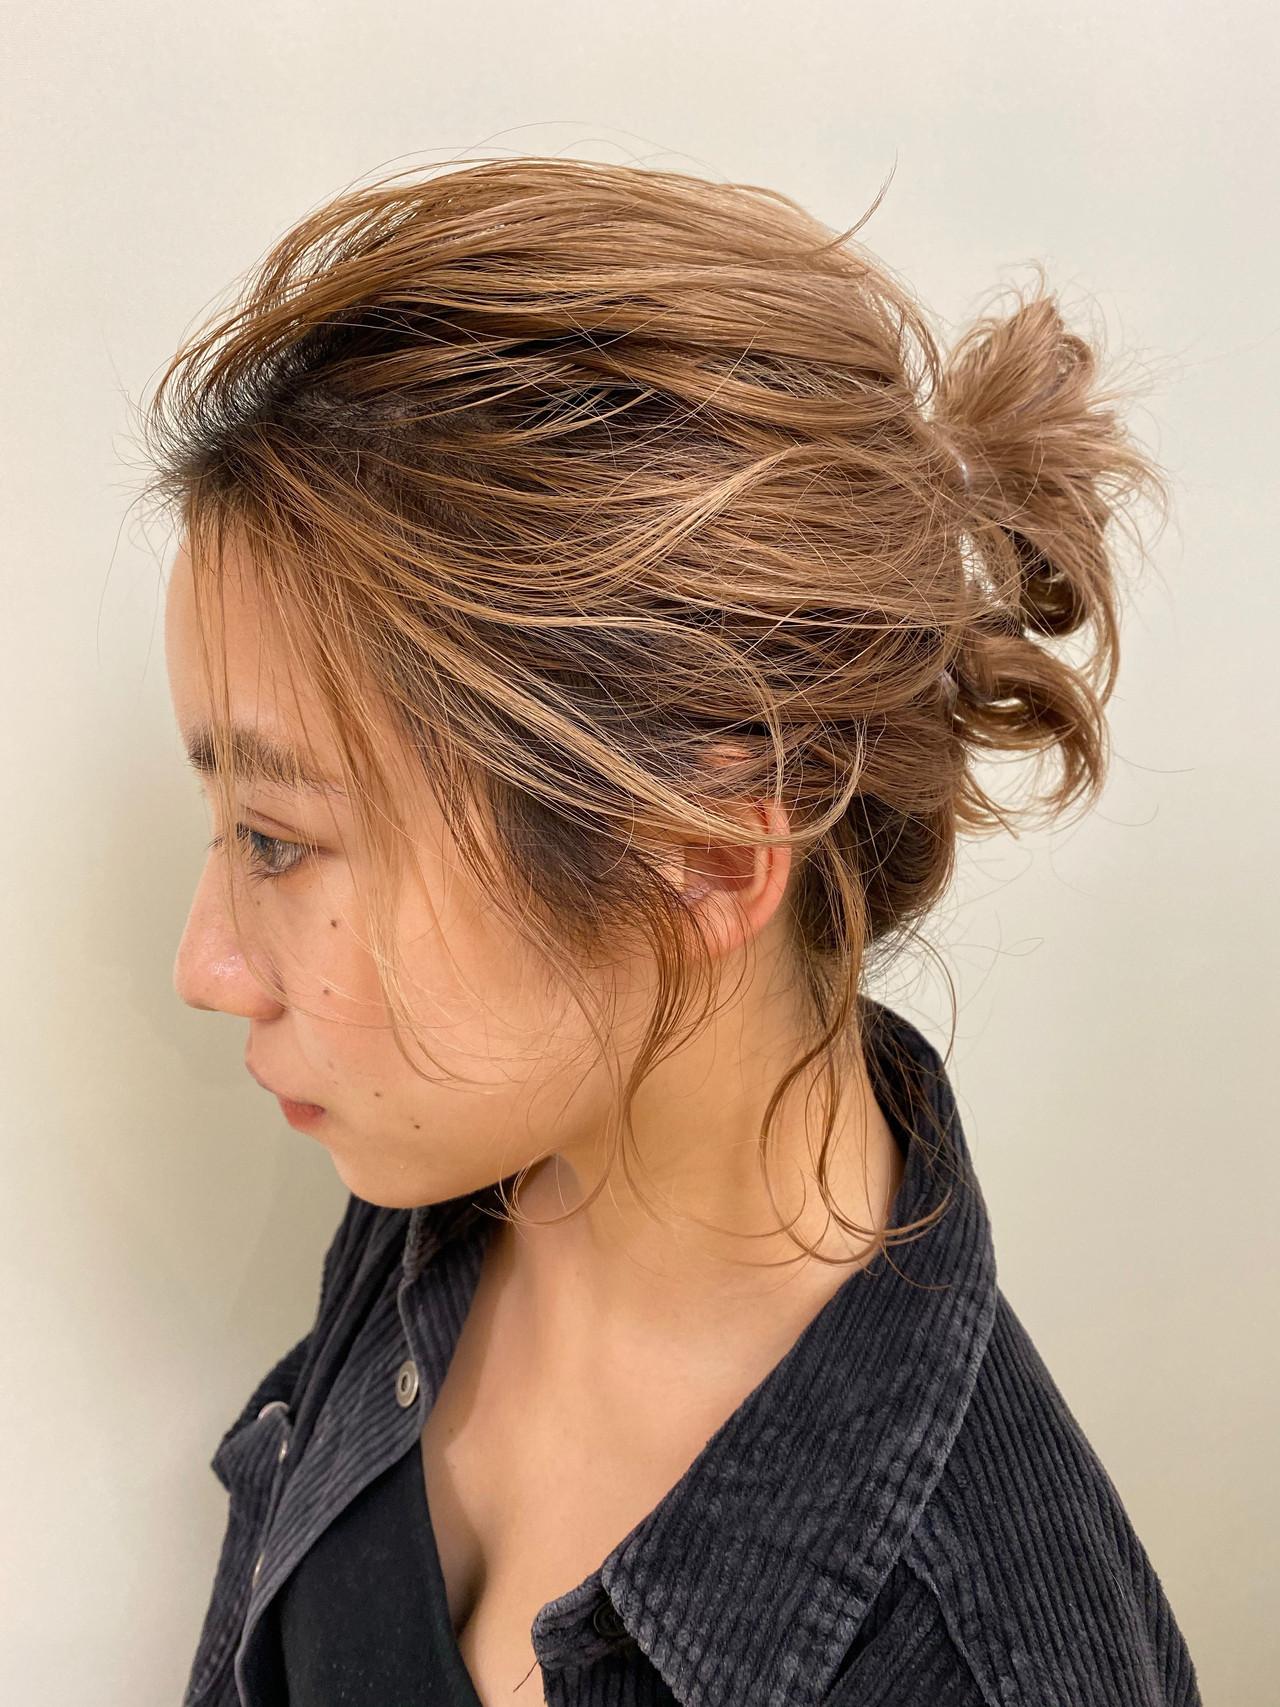 ナチュラル ミニボブ 簡単ヘアアレンジ ヘアアレンジ ヘアスタイルや髪型の写真・画像